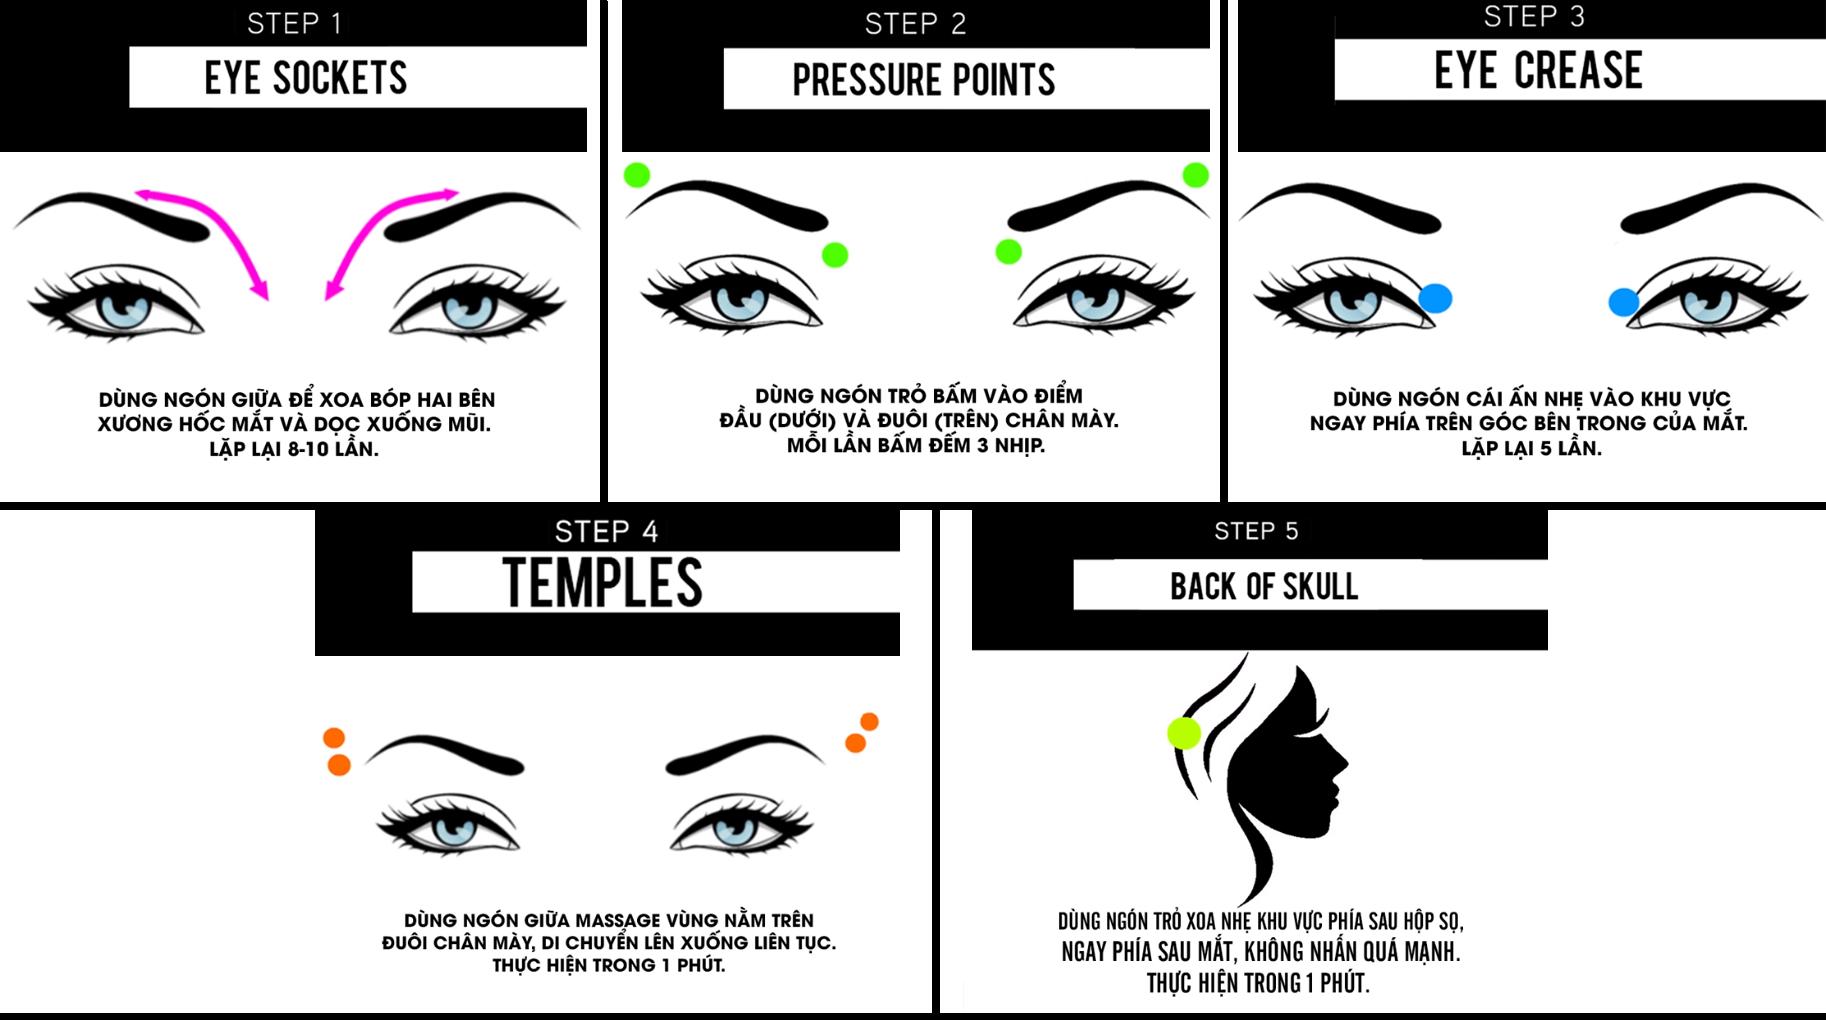 Massage mắt đúng cách hàng ngày